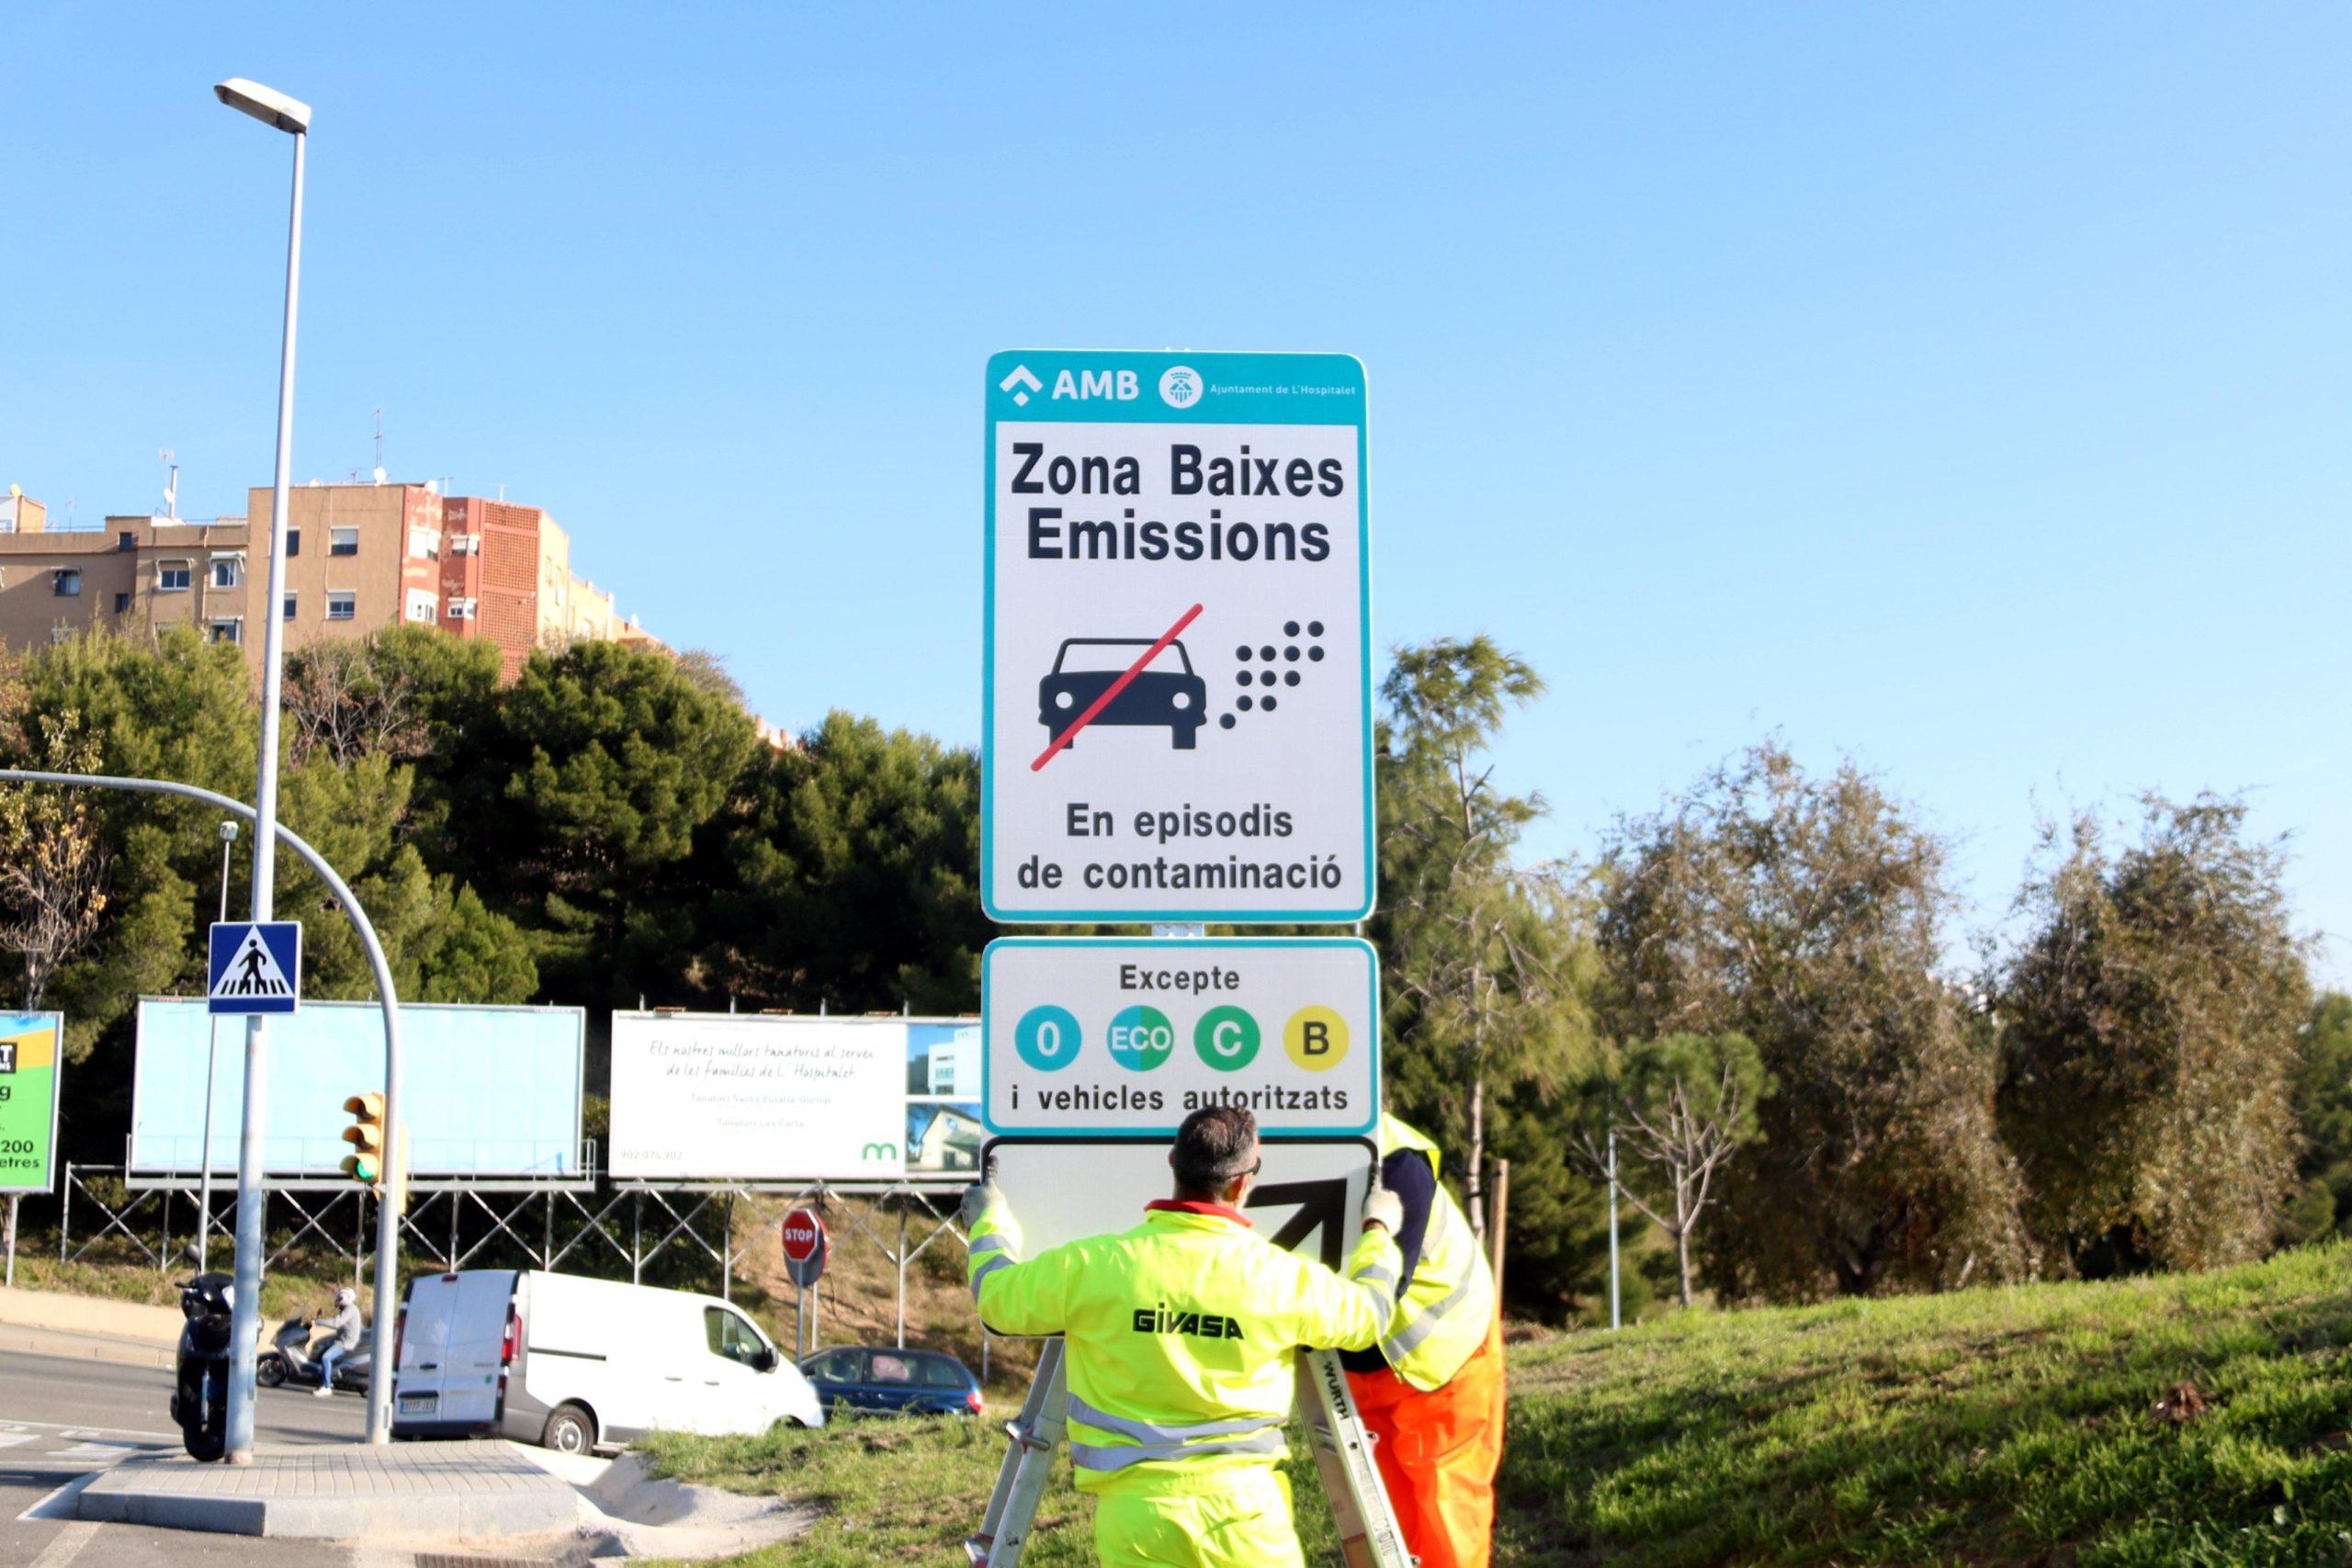 Cartell de restricció del trànsit en cas de contaminació, en una imatge d'arxiu / ACN